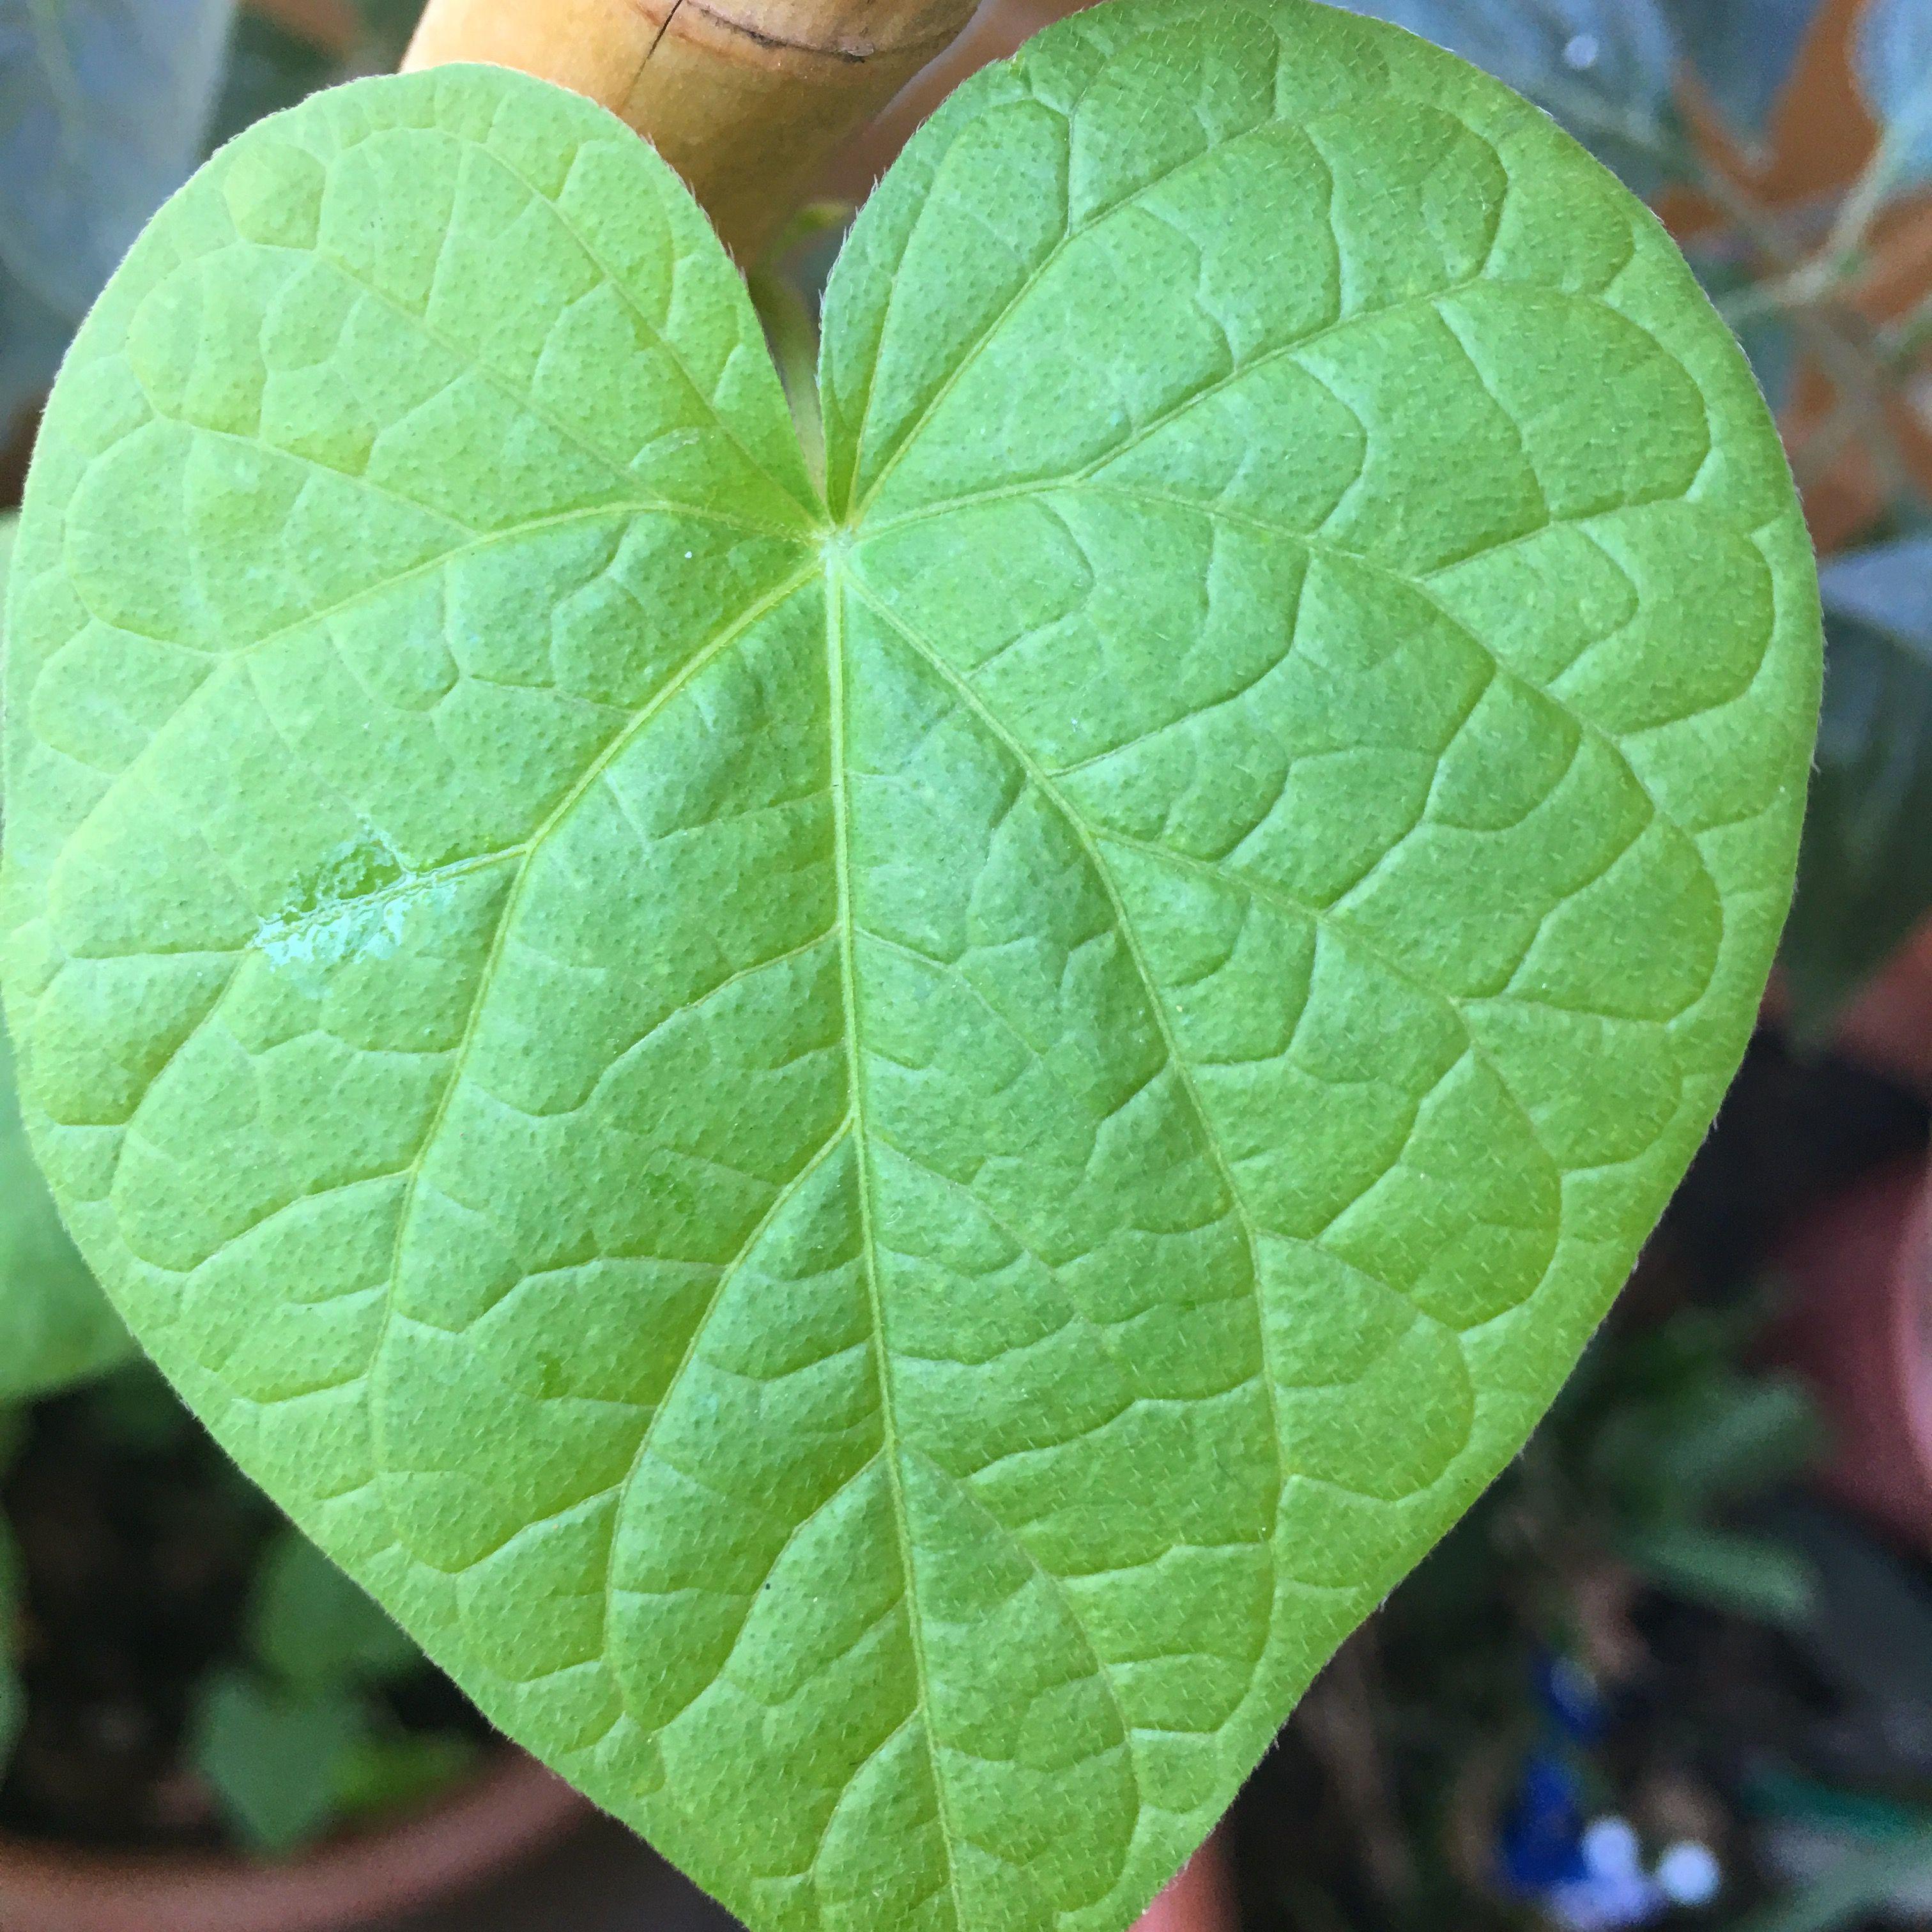 Esse coração é uma das folhas da minha ipomoea purpúrea que está crescendo lindamente por aqui.  Eu planto ipomeias todo ano, mas nesse decidi acompanhar novamente o processo de crescimento e revitalizar o post antigo que tenho sobre elas. ❤️ Espero ansiosa para saber qual é a cor das flores. 😅  #saberesdojardim #ipomoea #ipomoeapurpurea #ipomeias #trepadeira #minhasplantas #meujardim #jardimdeapartamento #jardimnavaranda